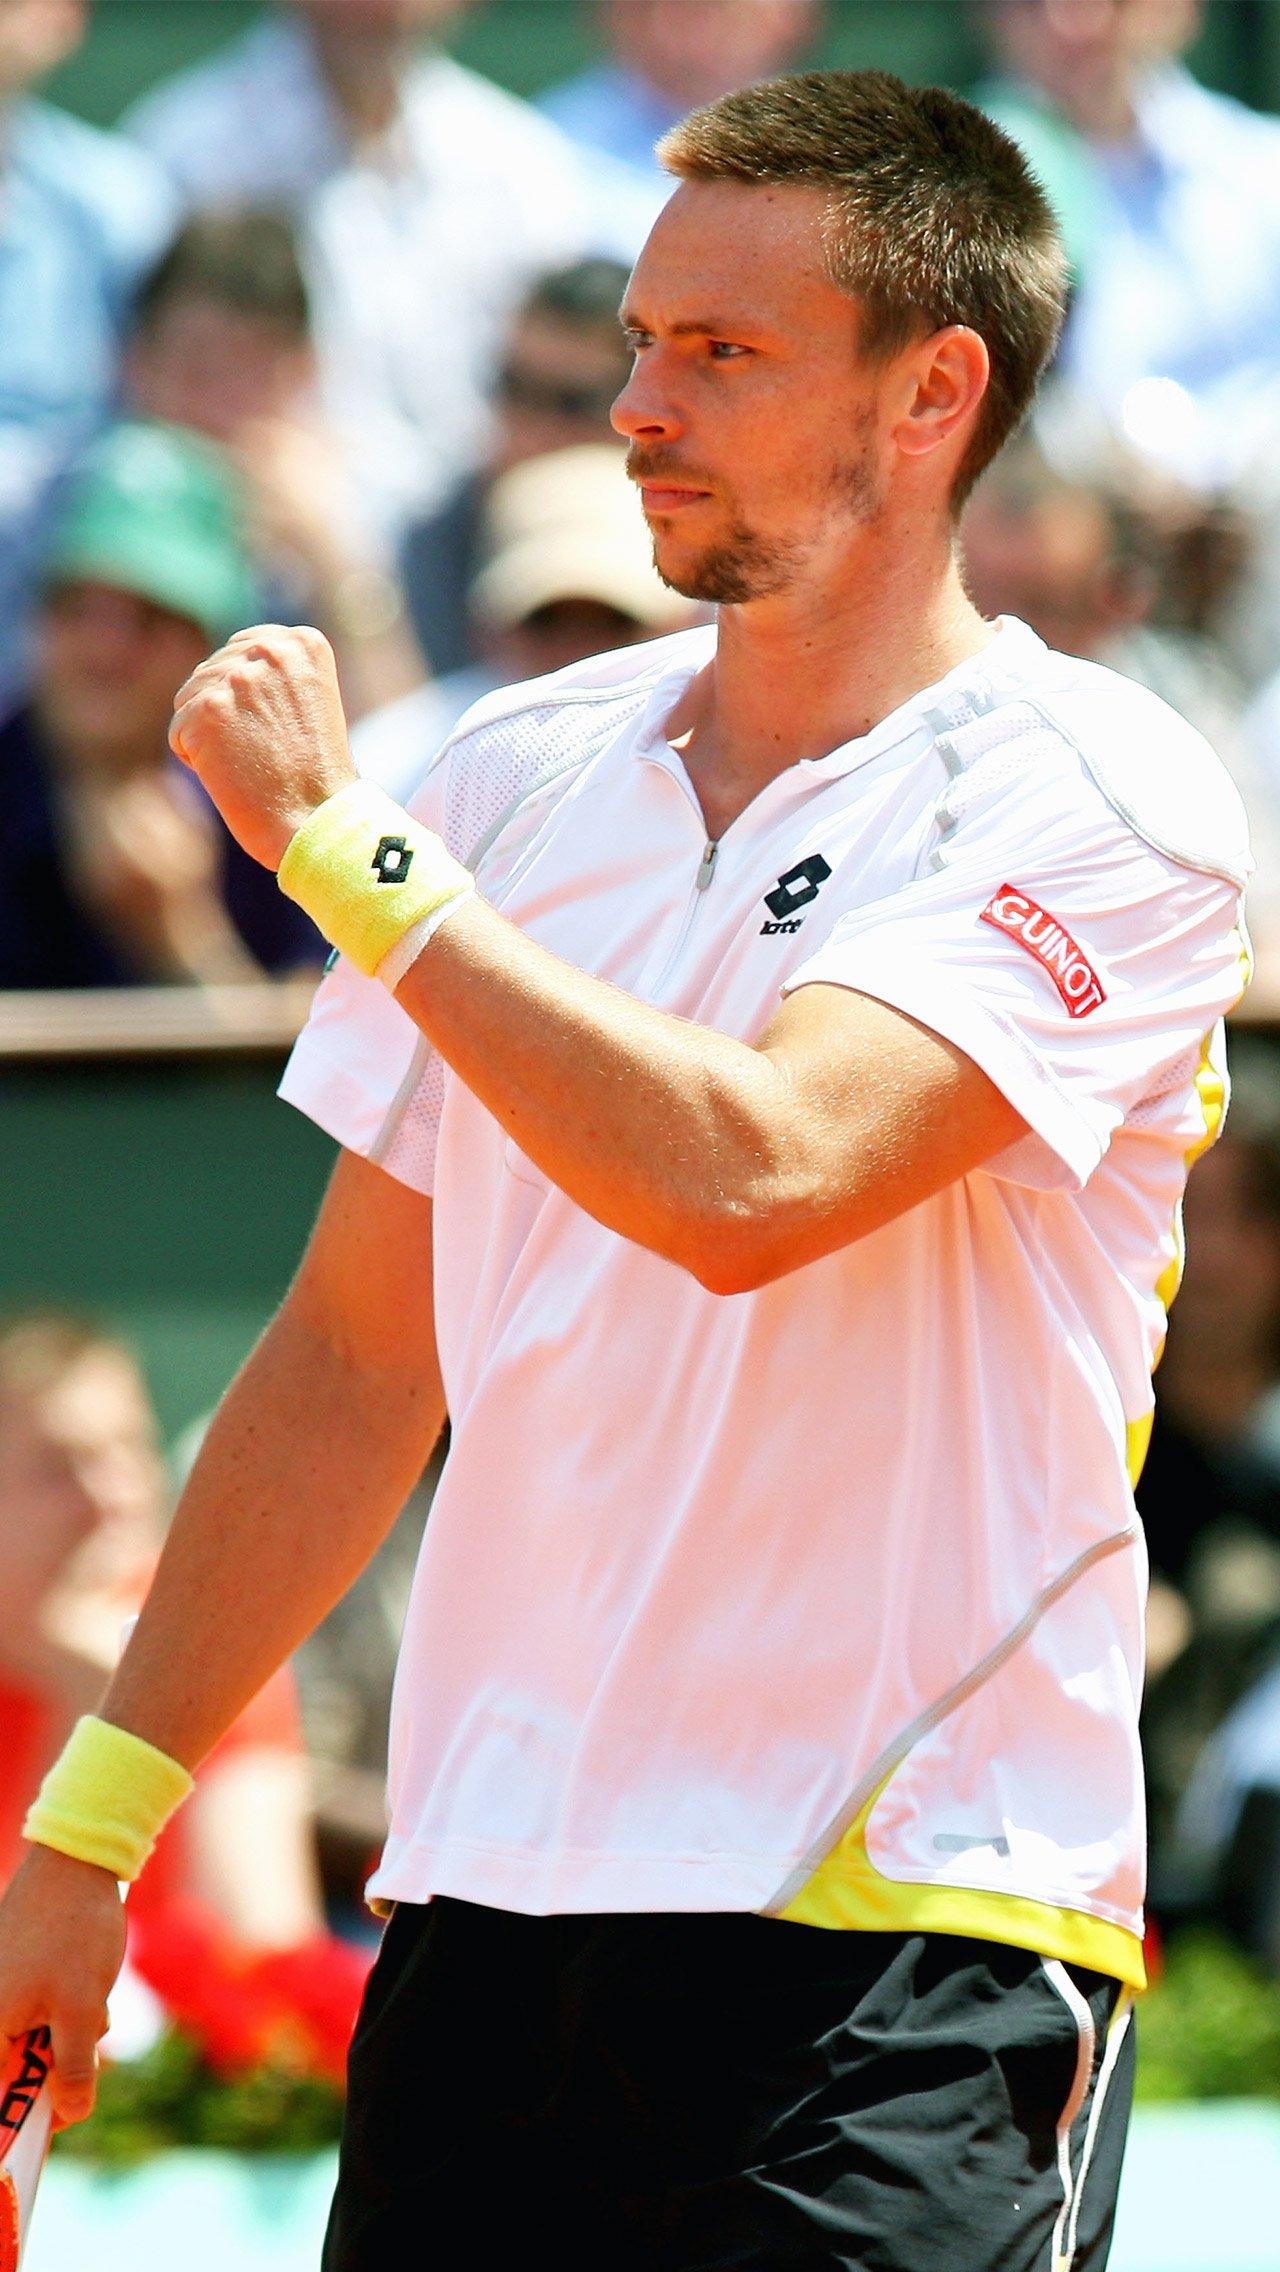 В 4-м круге турнира-2009 его серию прервал Робин Сёдерлинг.